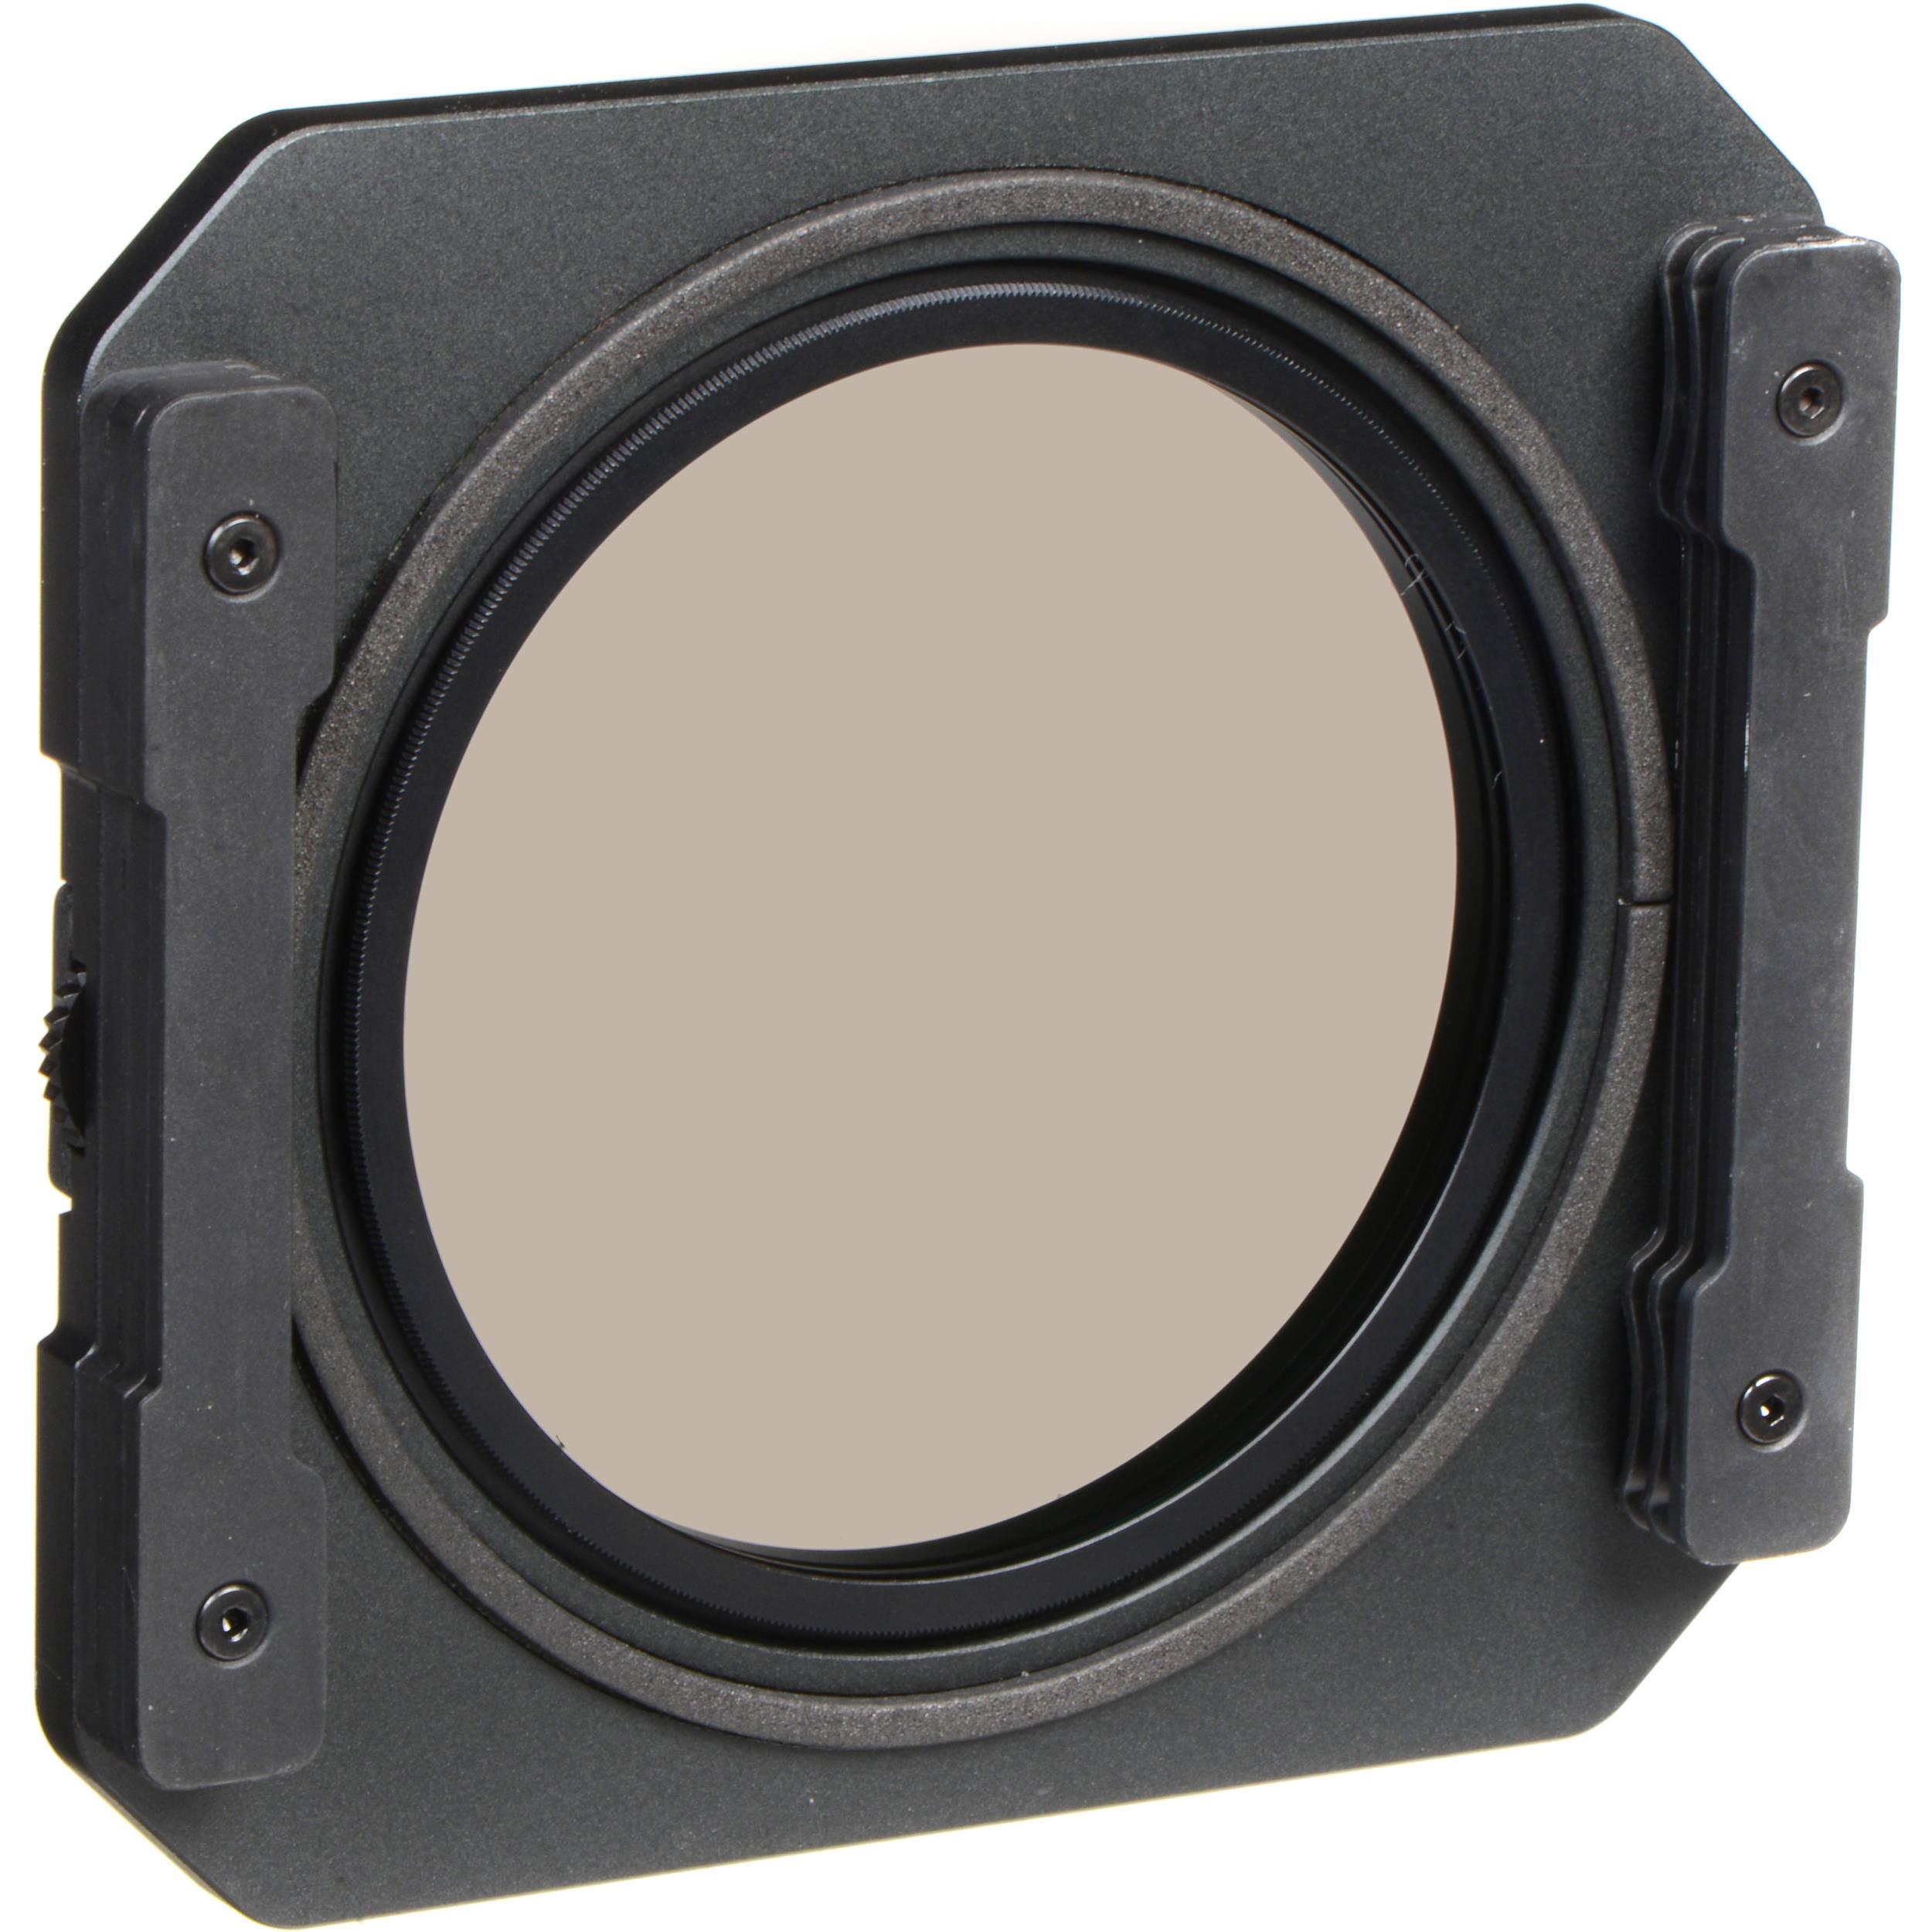 Formatt Hitech 100mm Firecrest Filter Holder Kit FC100HOLK B&H